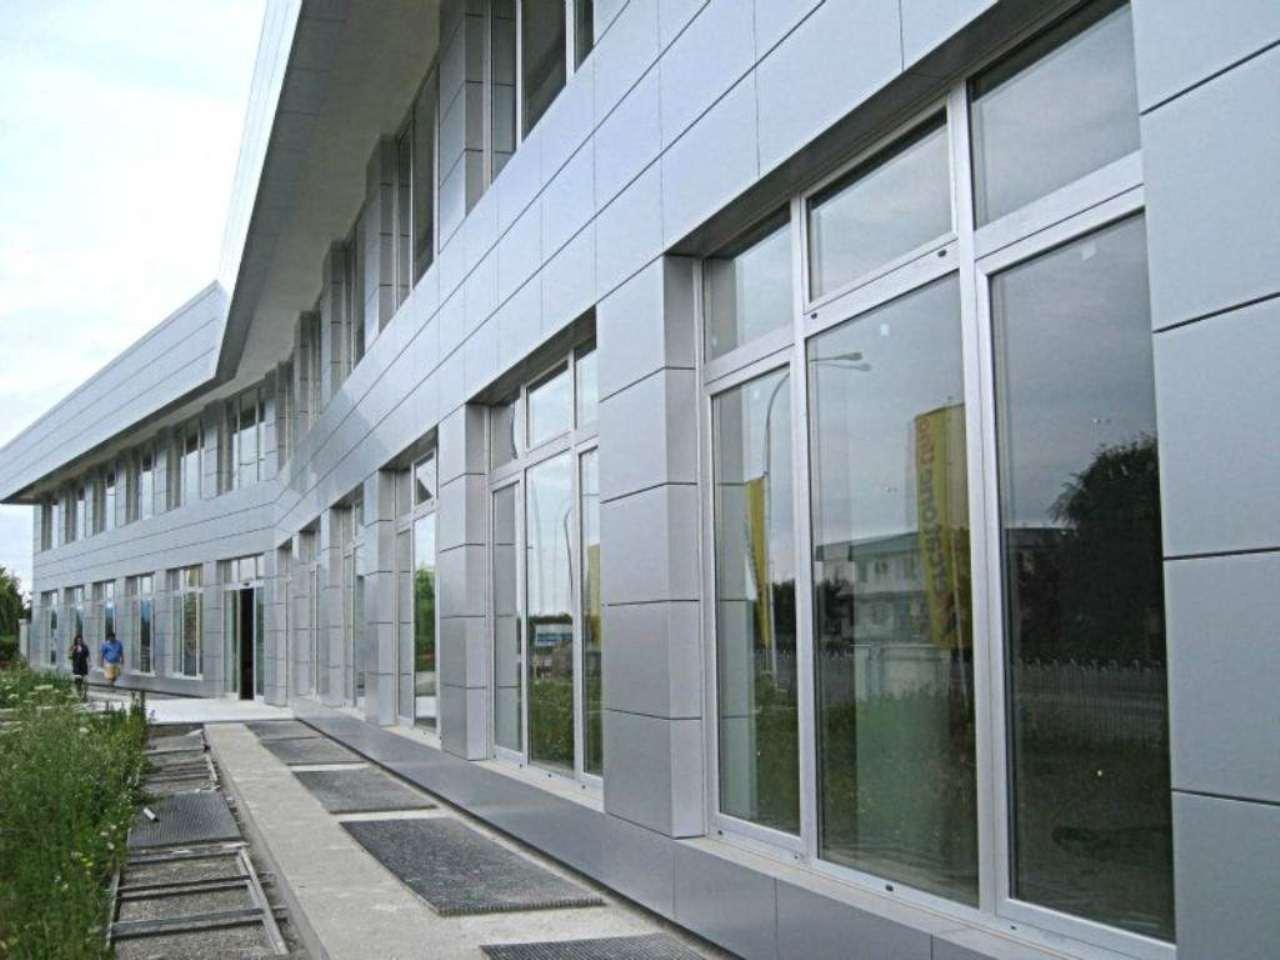 Ufficio / Studio in affitto a Brandizzo, 2 locali, prezzo € 4.900 | Cambio Casa.it